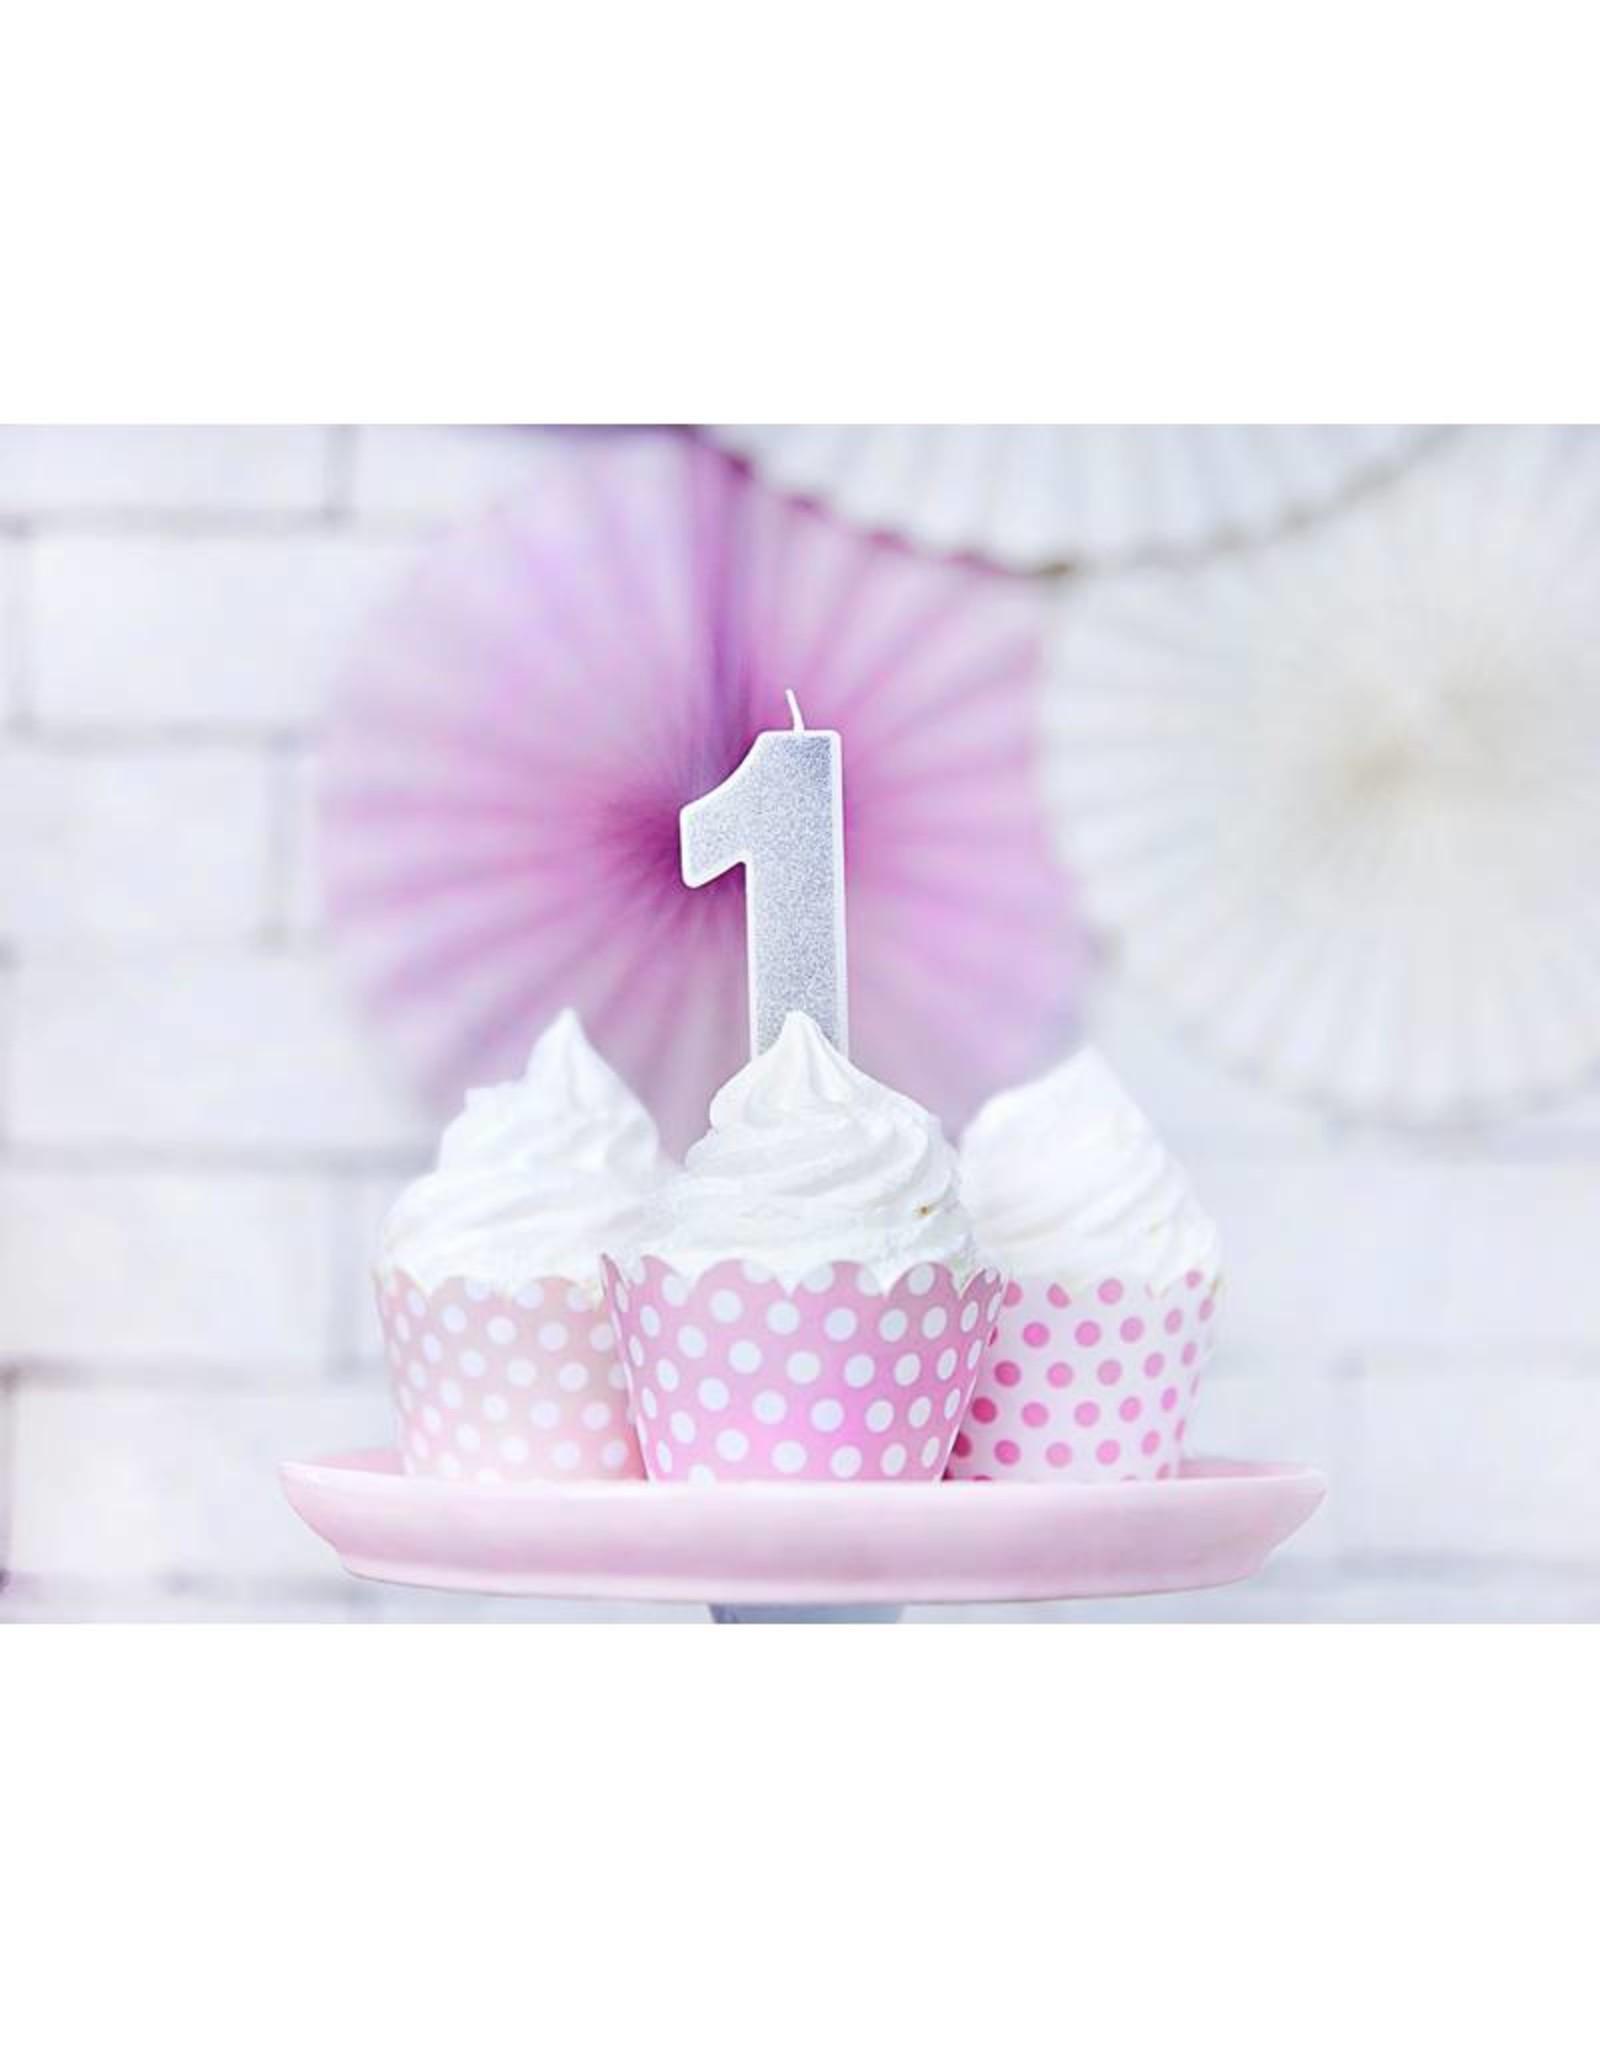 PartyDeco Verjaardagskaarsje zilver & glitter | cijfer 1